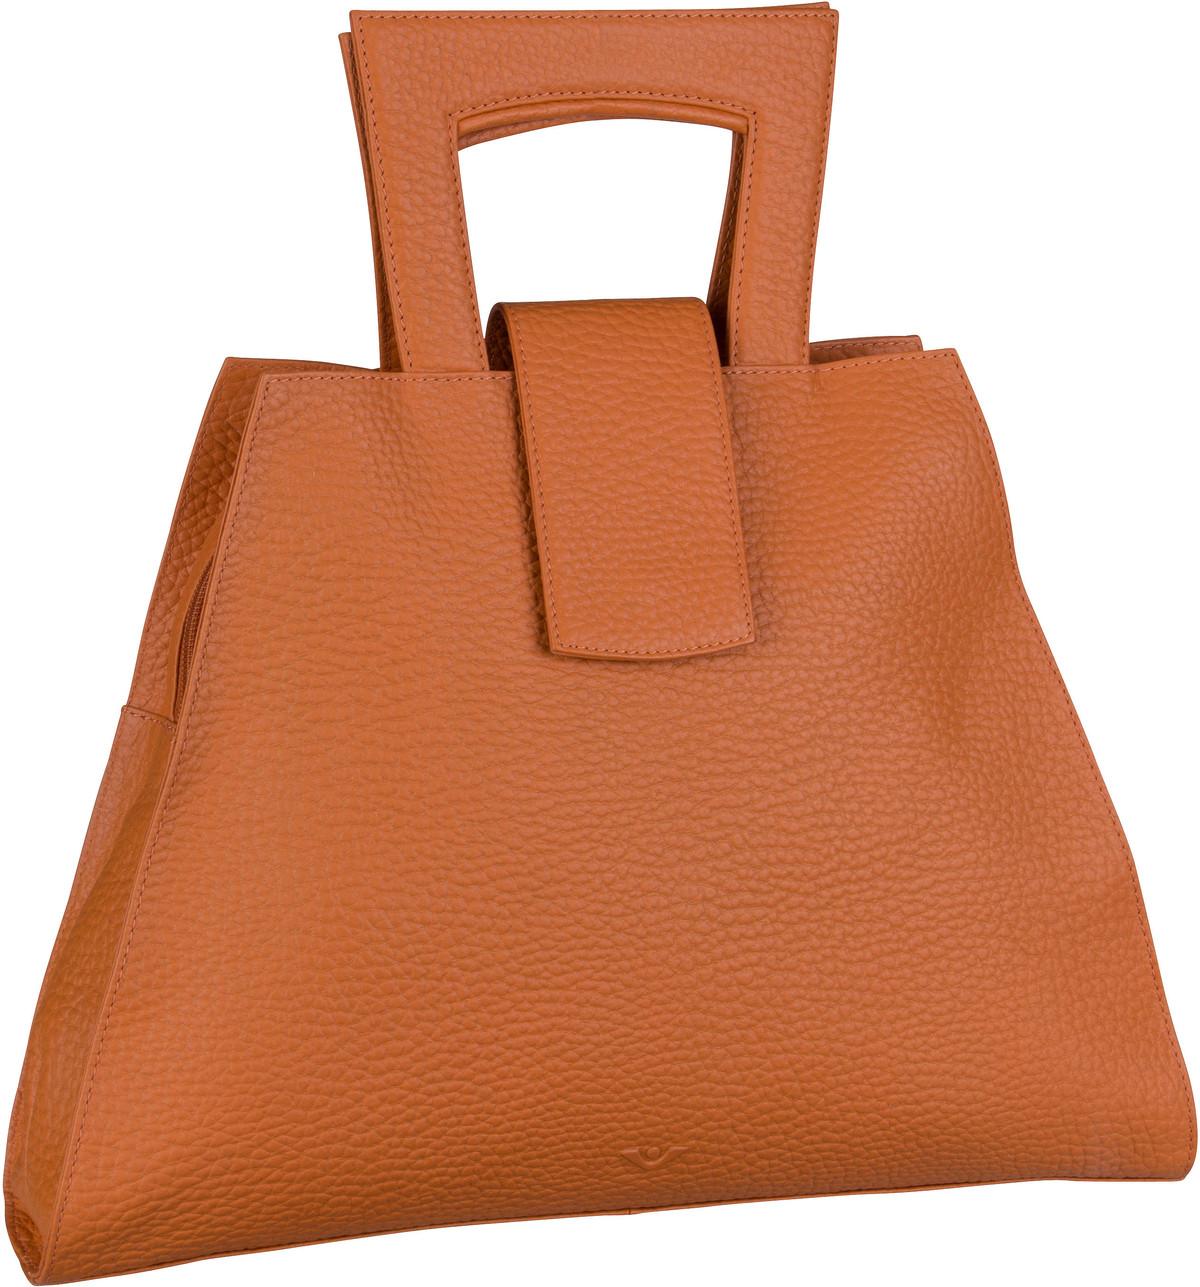 Voi Handtasche Rica 21979 Orange